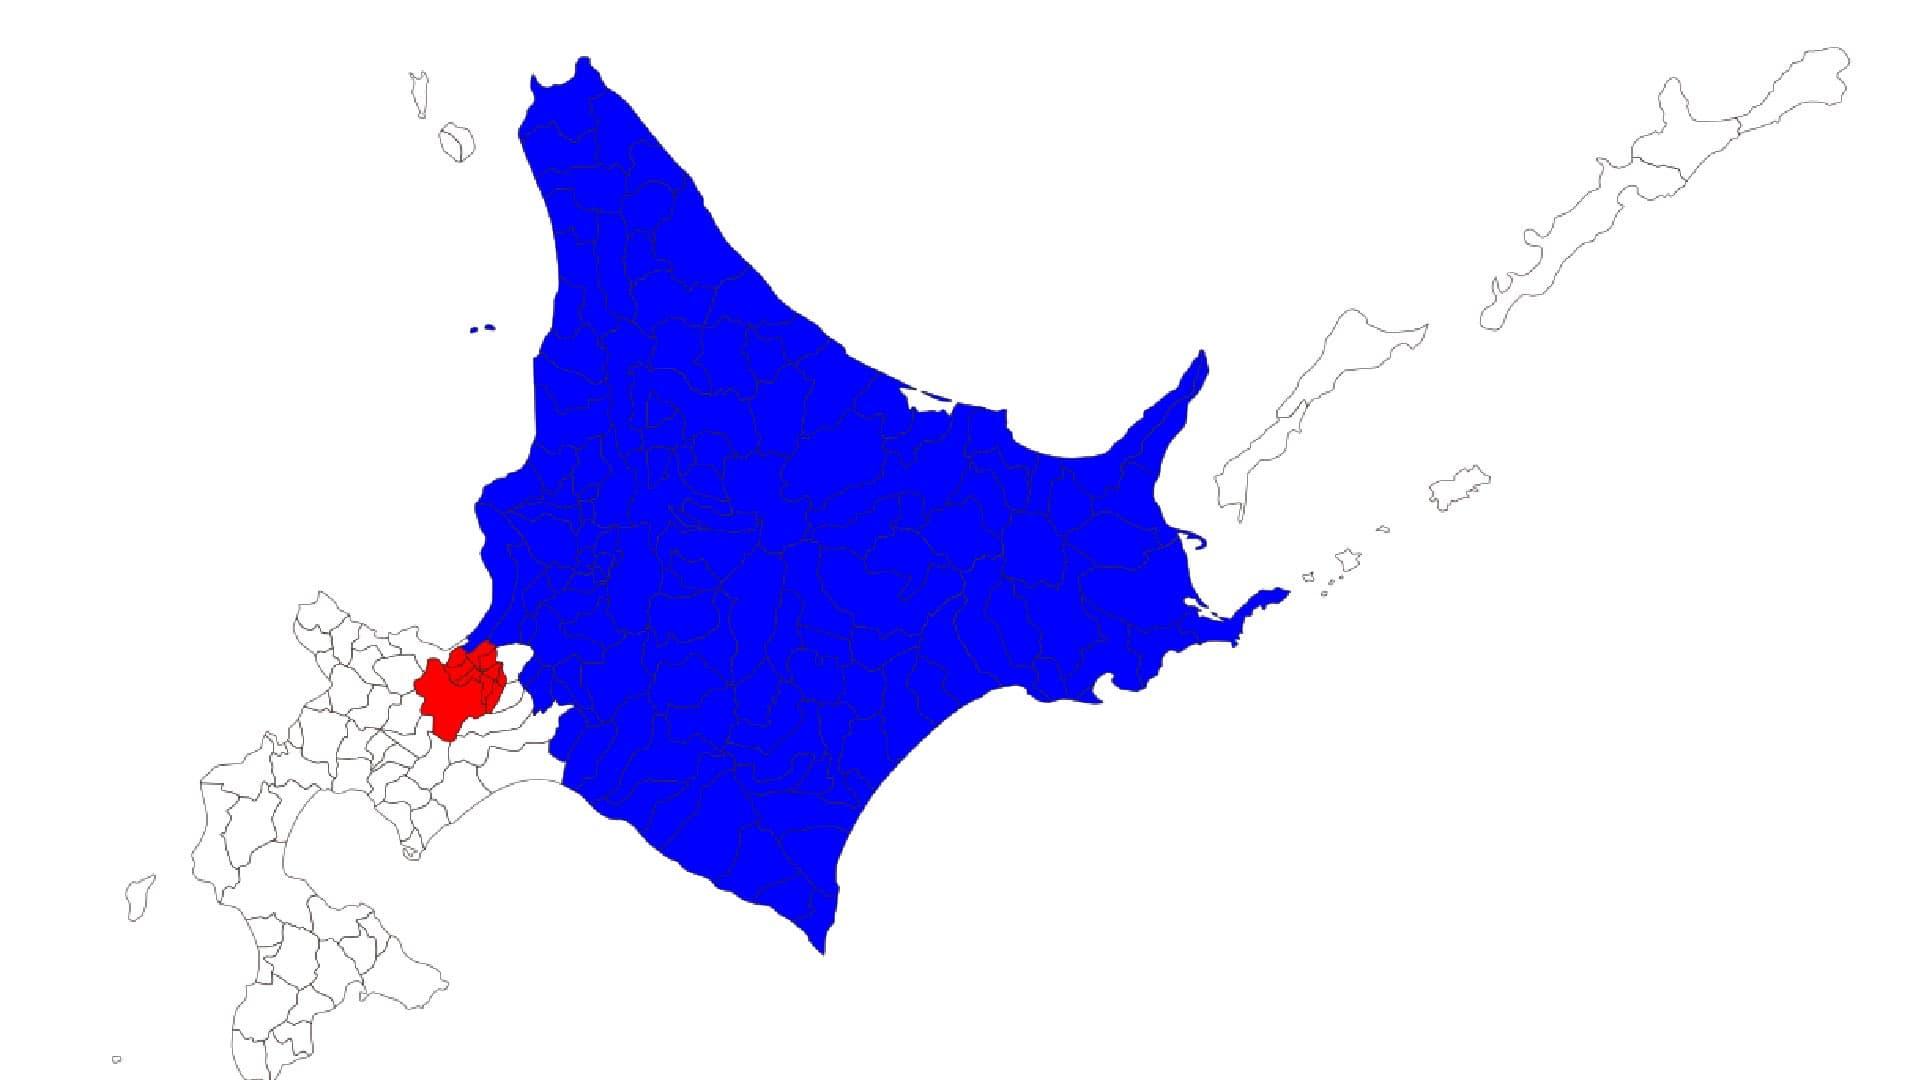 北海道、赤(札幌)と青の部分の人口殆ど同じってなんかのバグでしょ